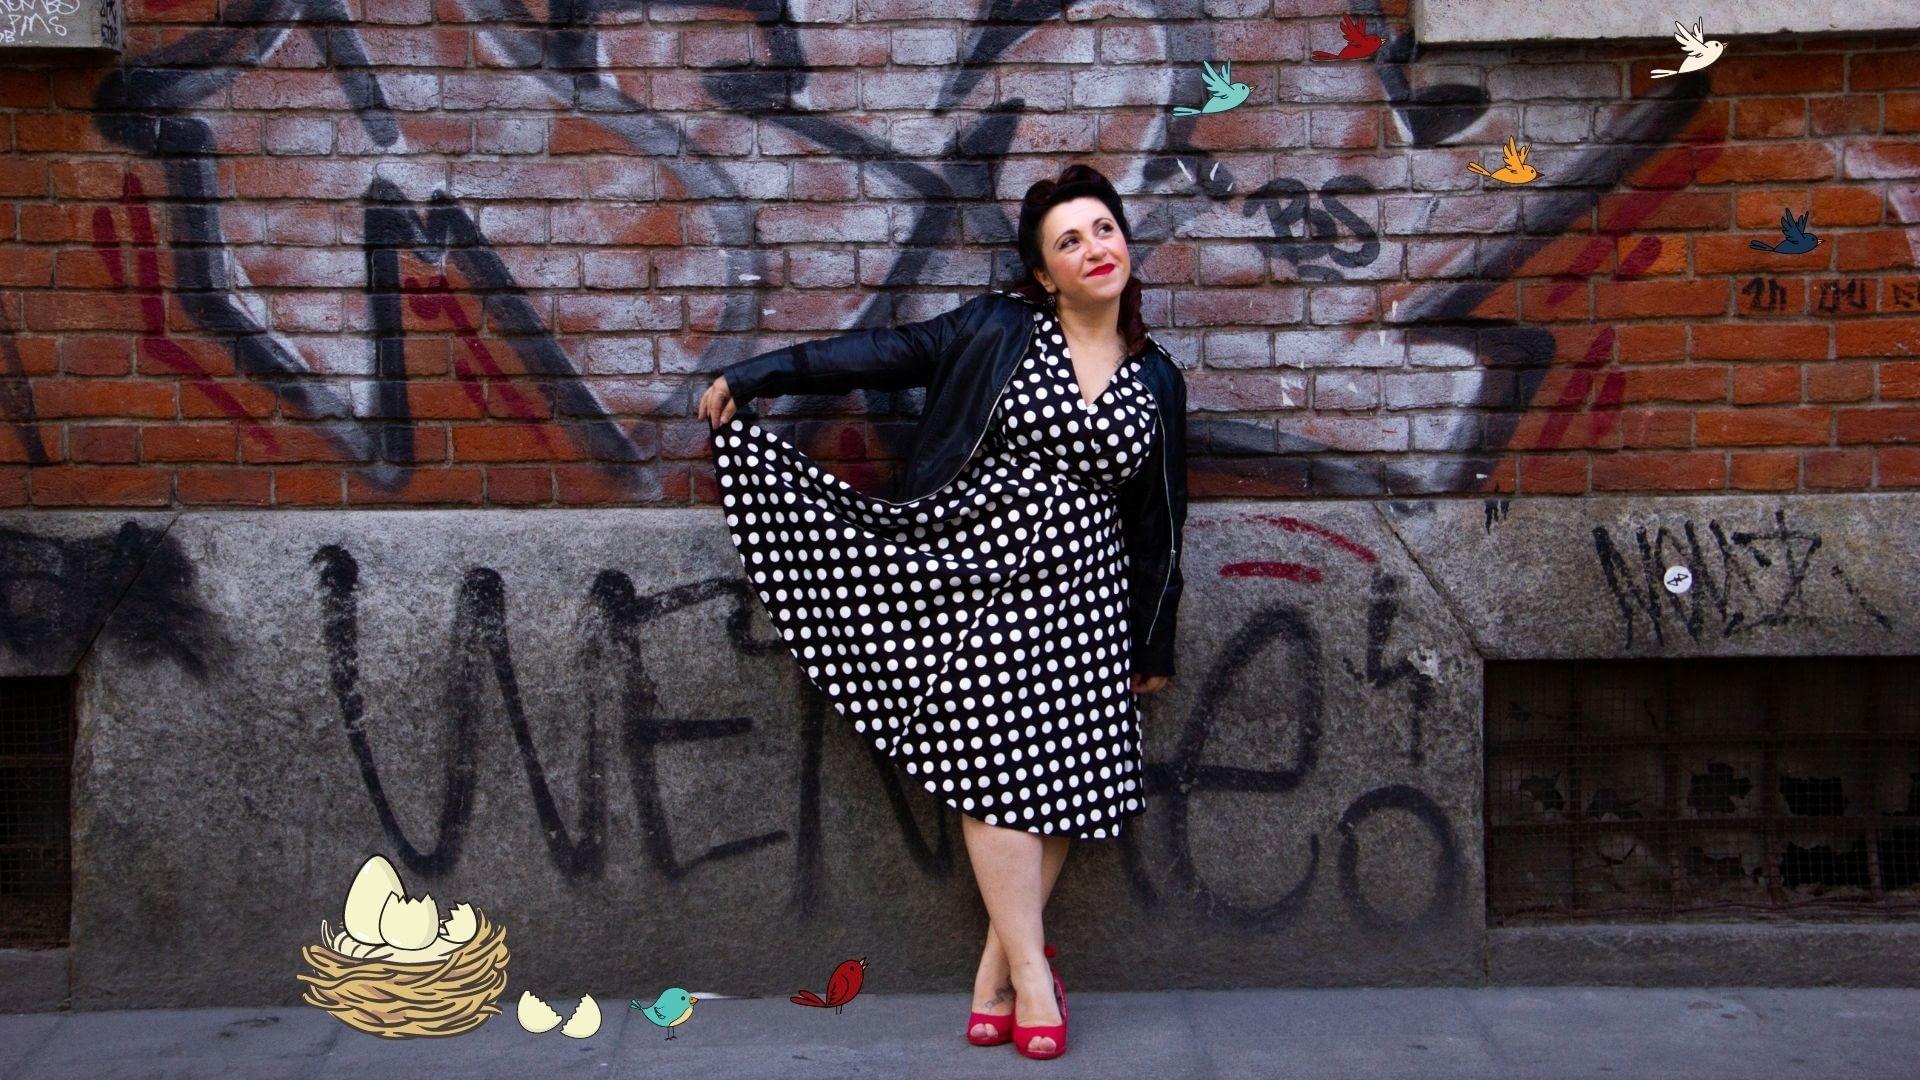 Consulente digital marketing, covatrice di freelance (nella foto c'è Alessia che gioca col suo vestito stile Cenerentola, e guarda degli uccellini prendere il volo da un nido dove si sono appena schiuse delle uova